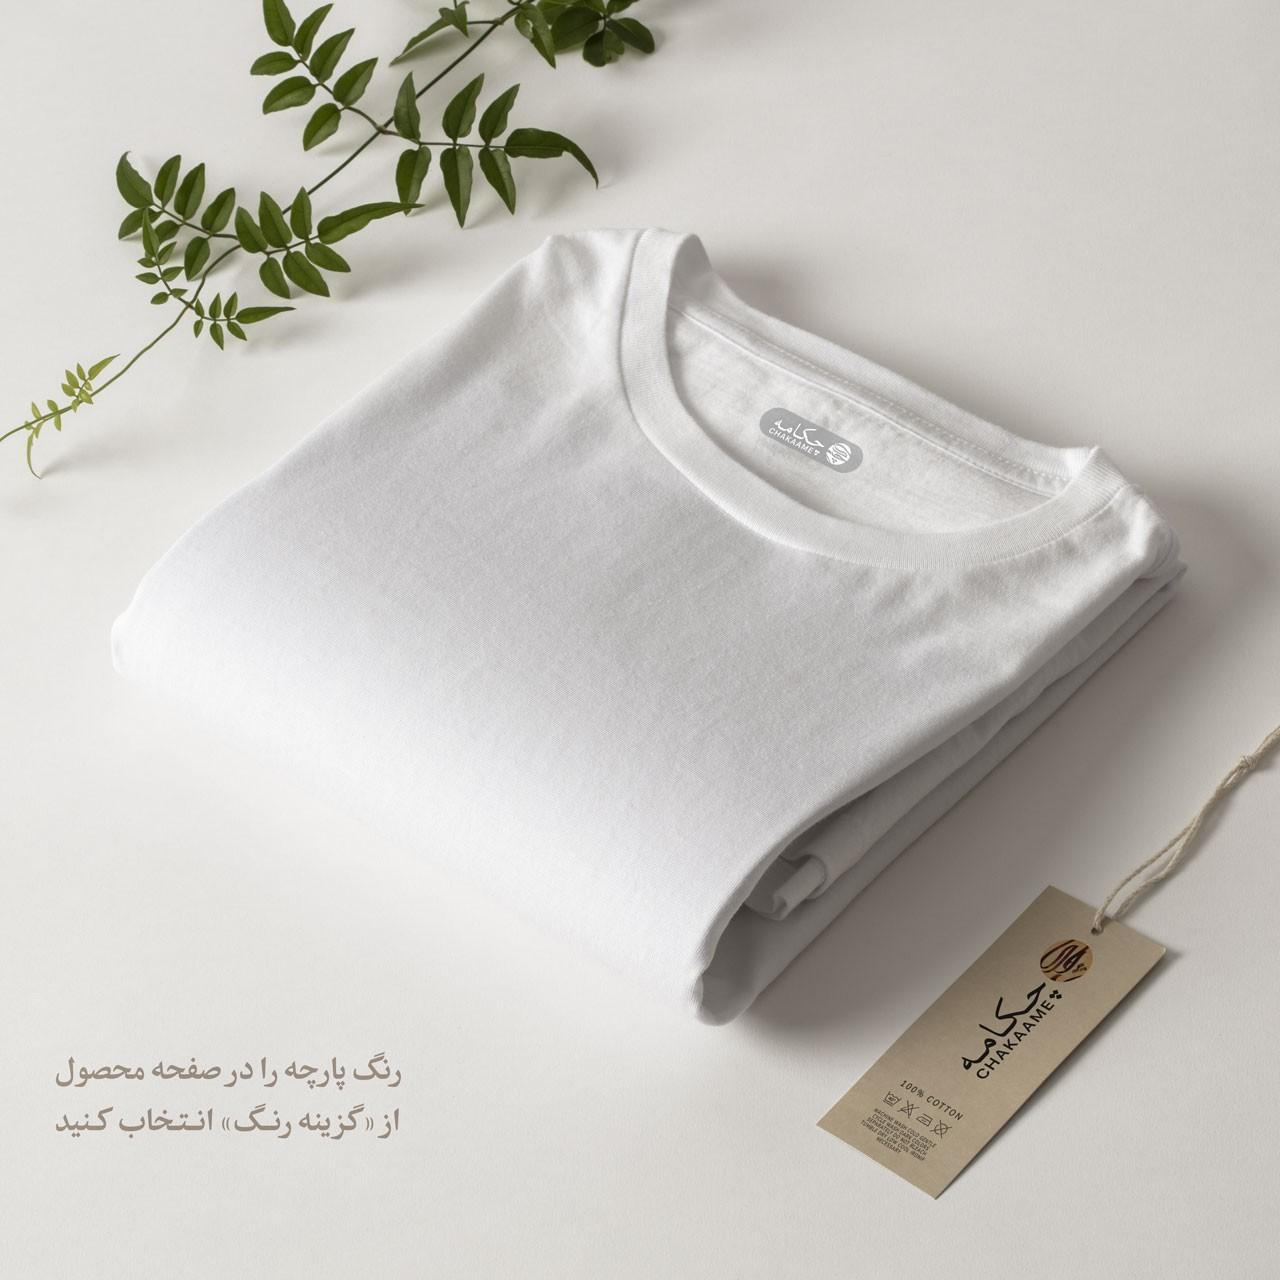 آپلود فایل برای تی شرت